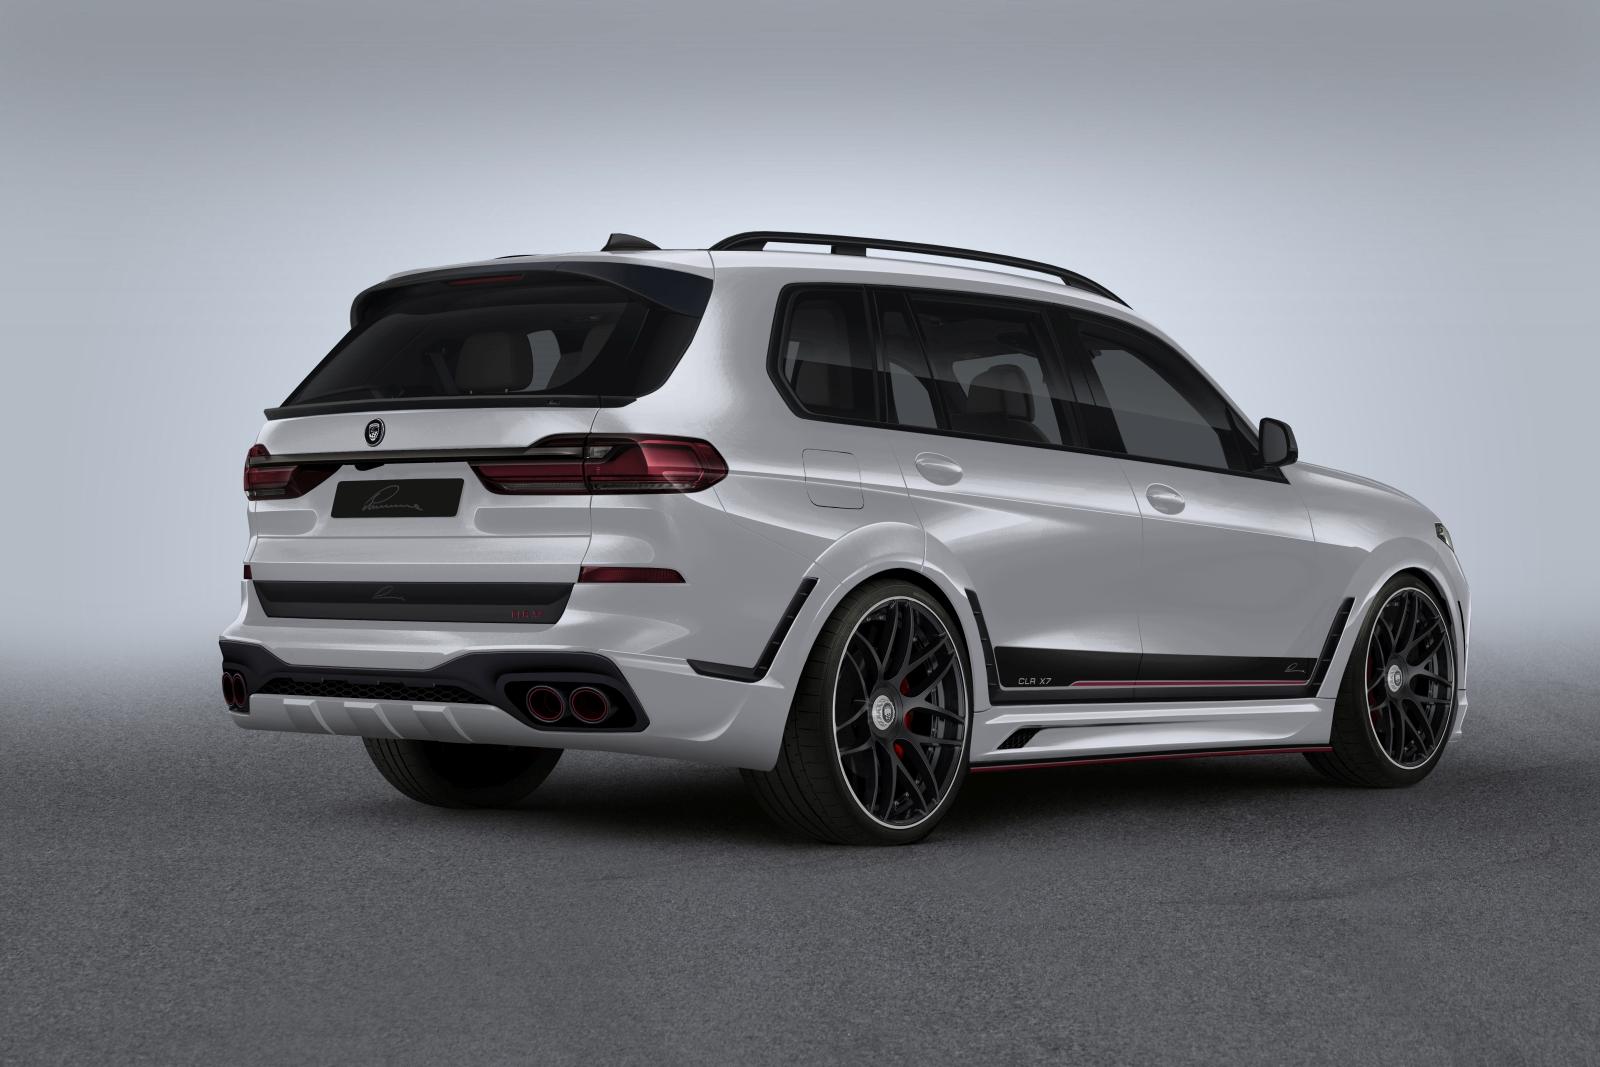 BMW-Lumma-CLR-X7-5